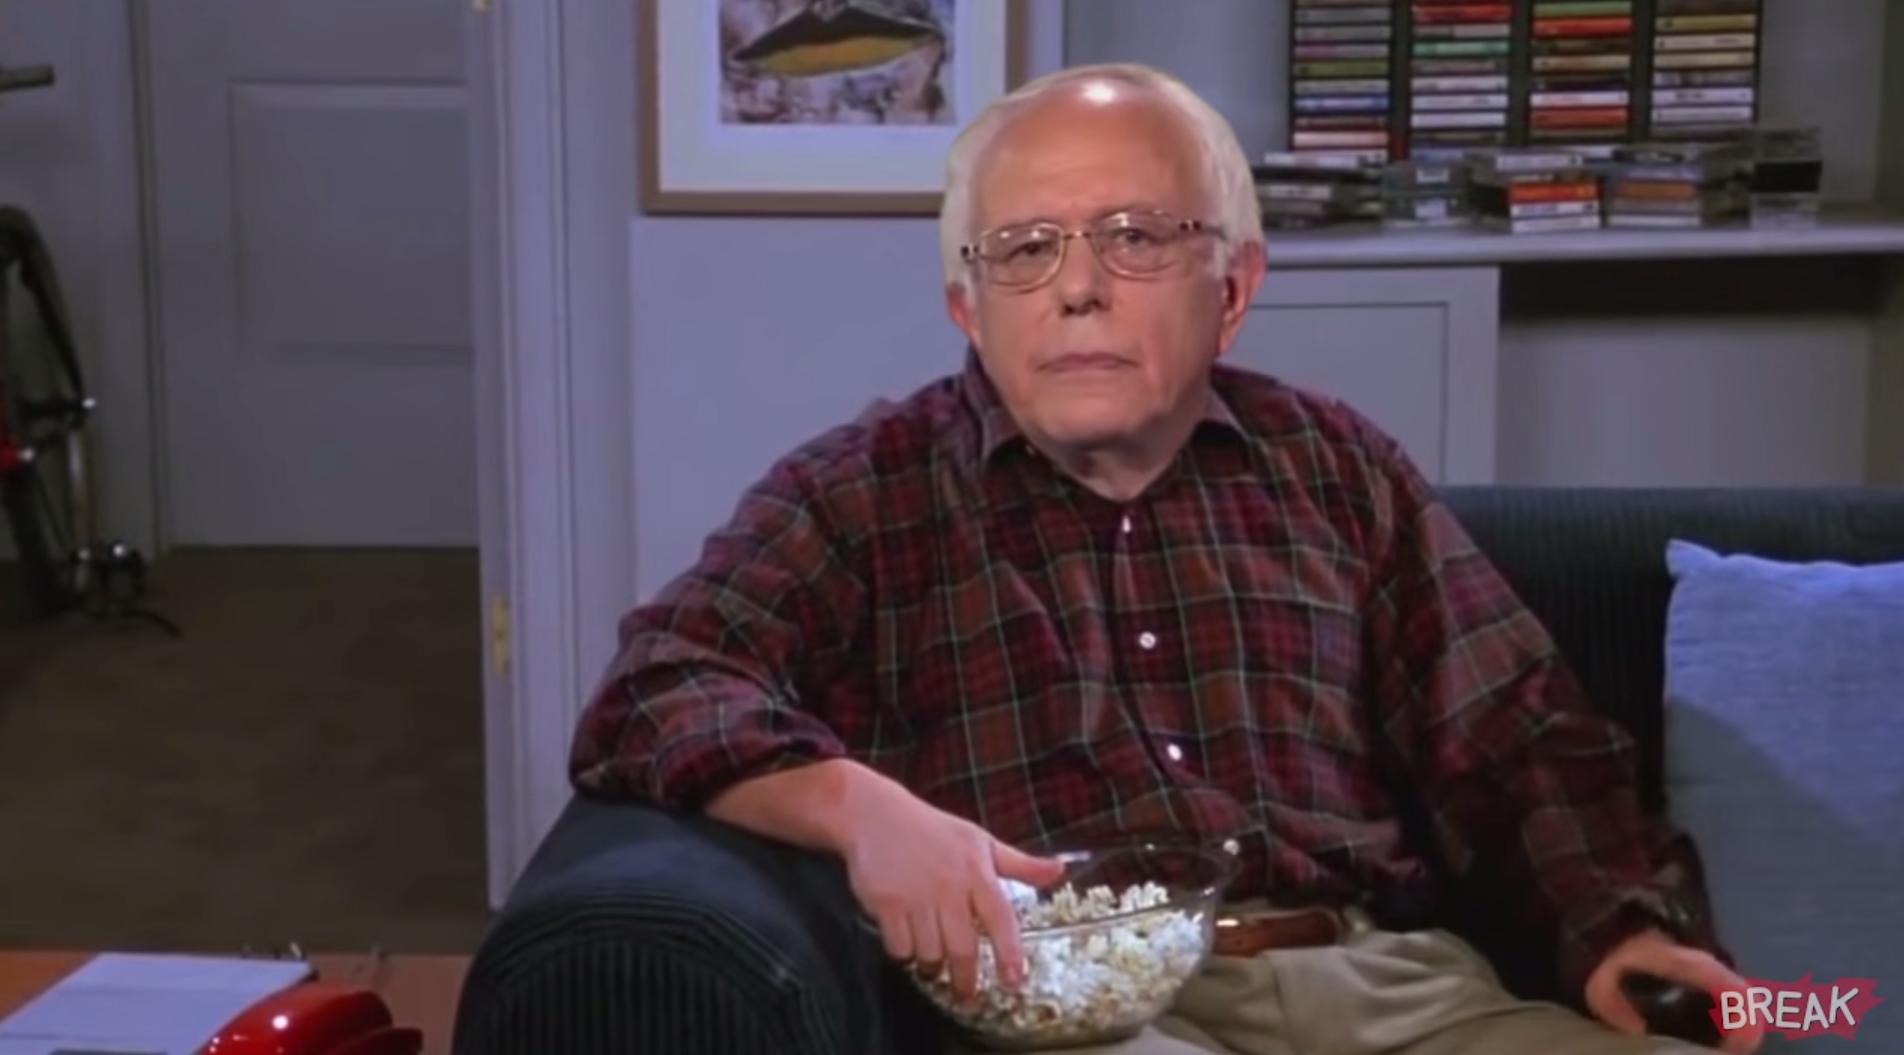 Sanders Seinfeld - H 2016